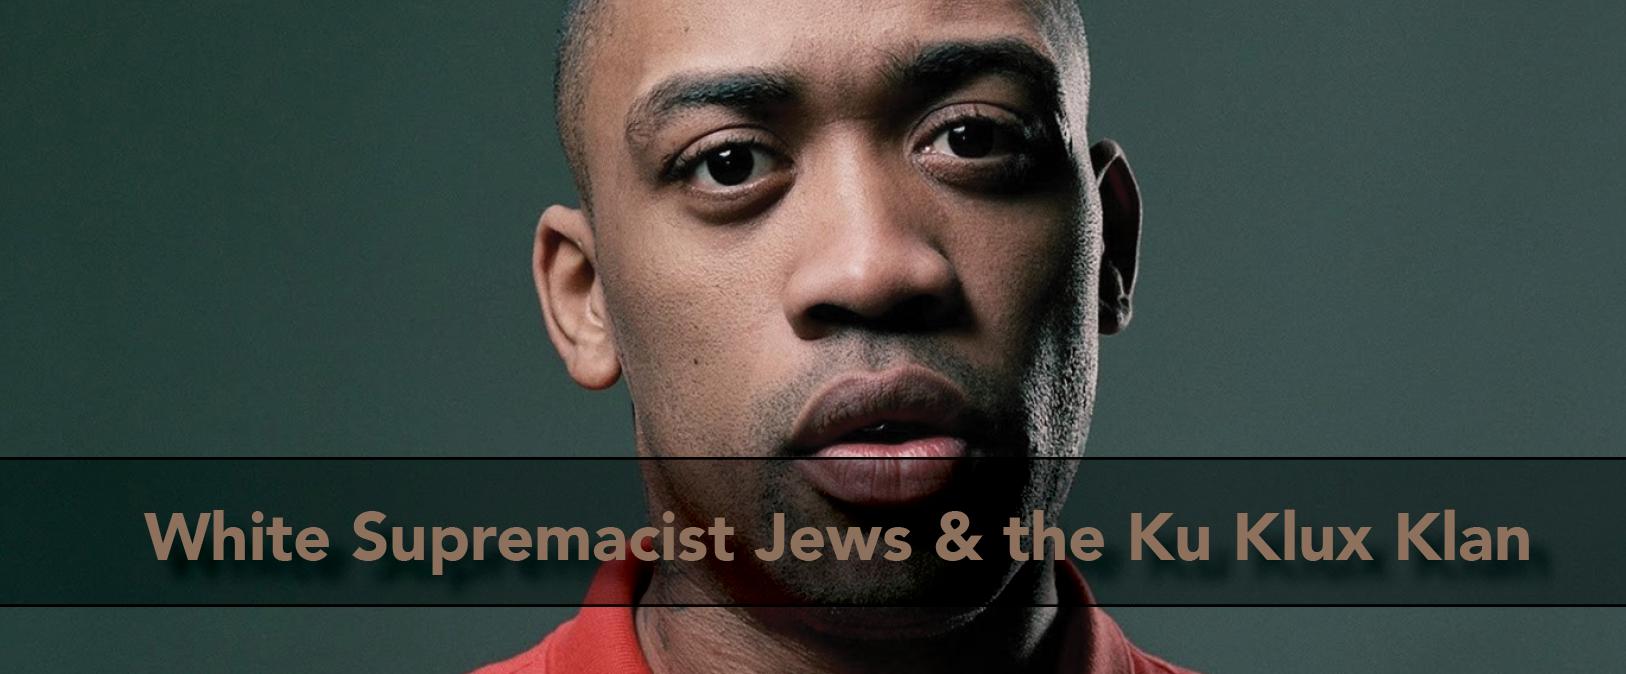 WhiteSupremacistJews.KKK